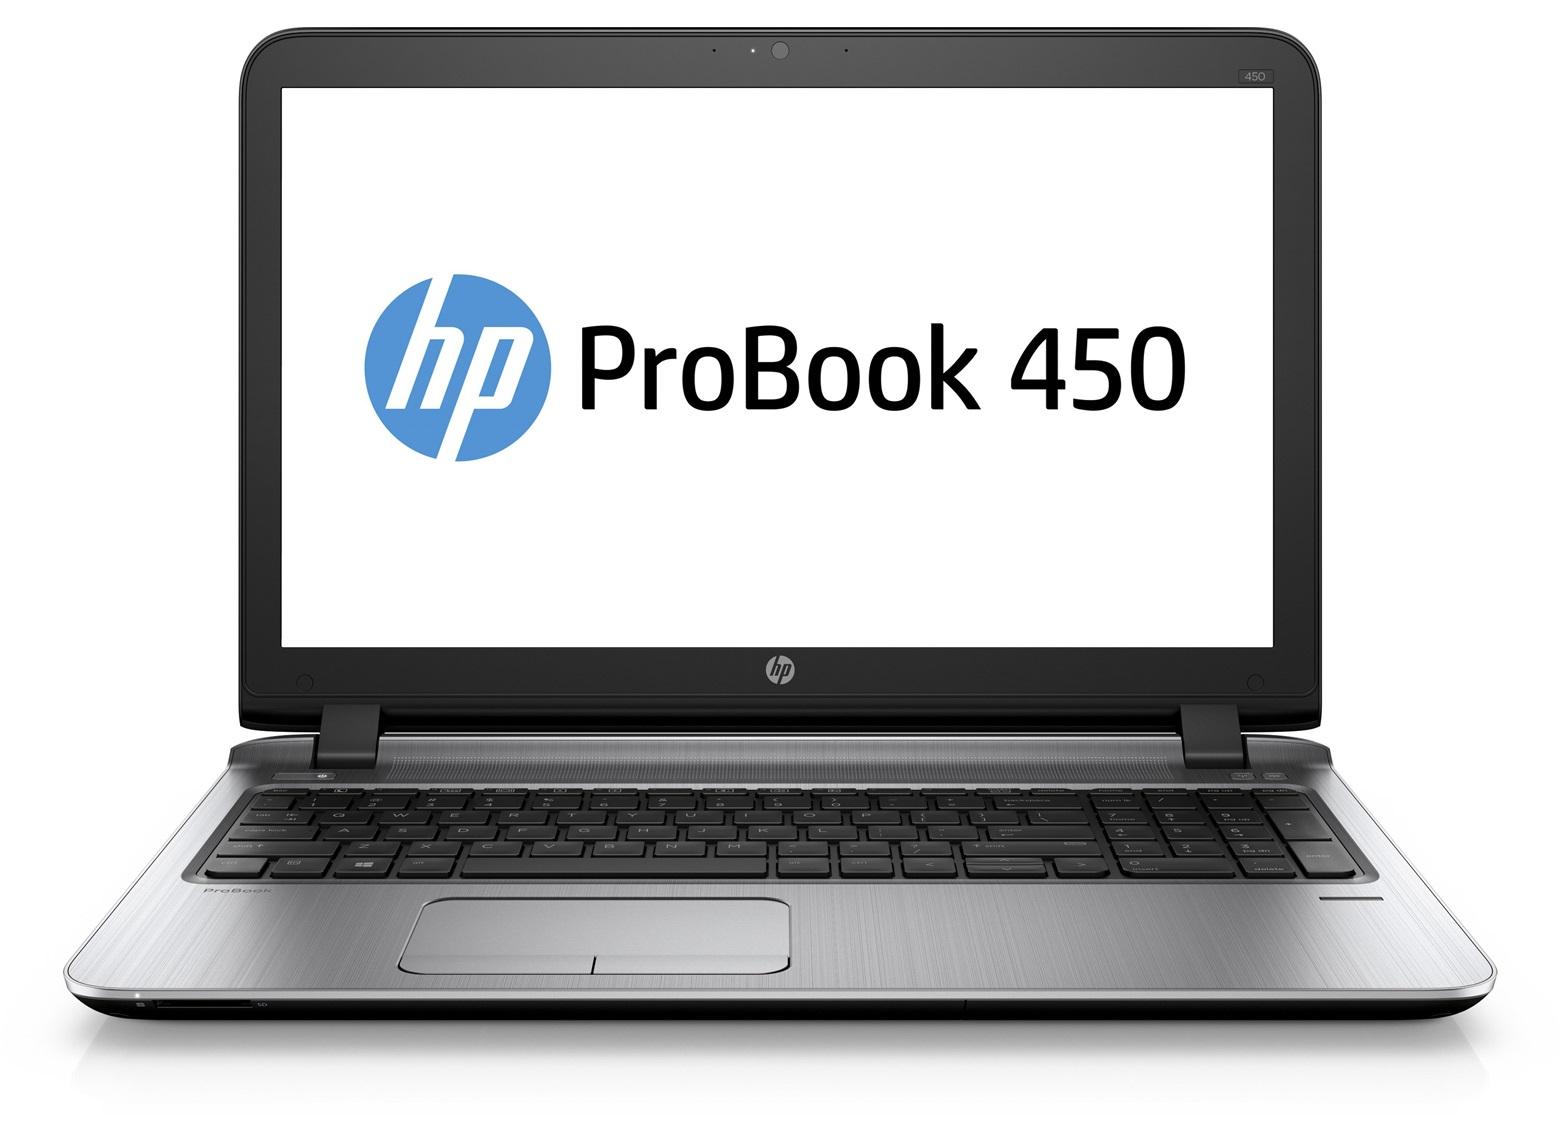 HP ProBook 450 G3 i5 P5S07EA